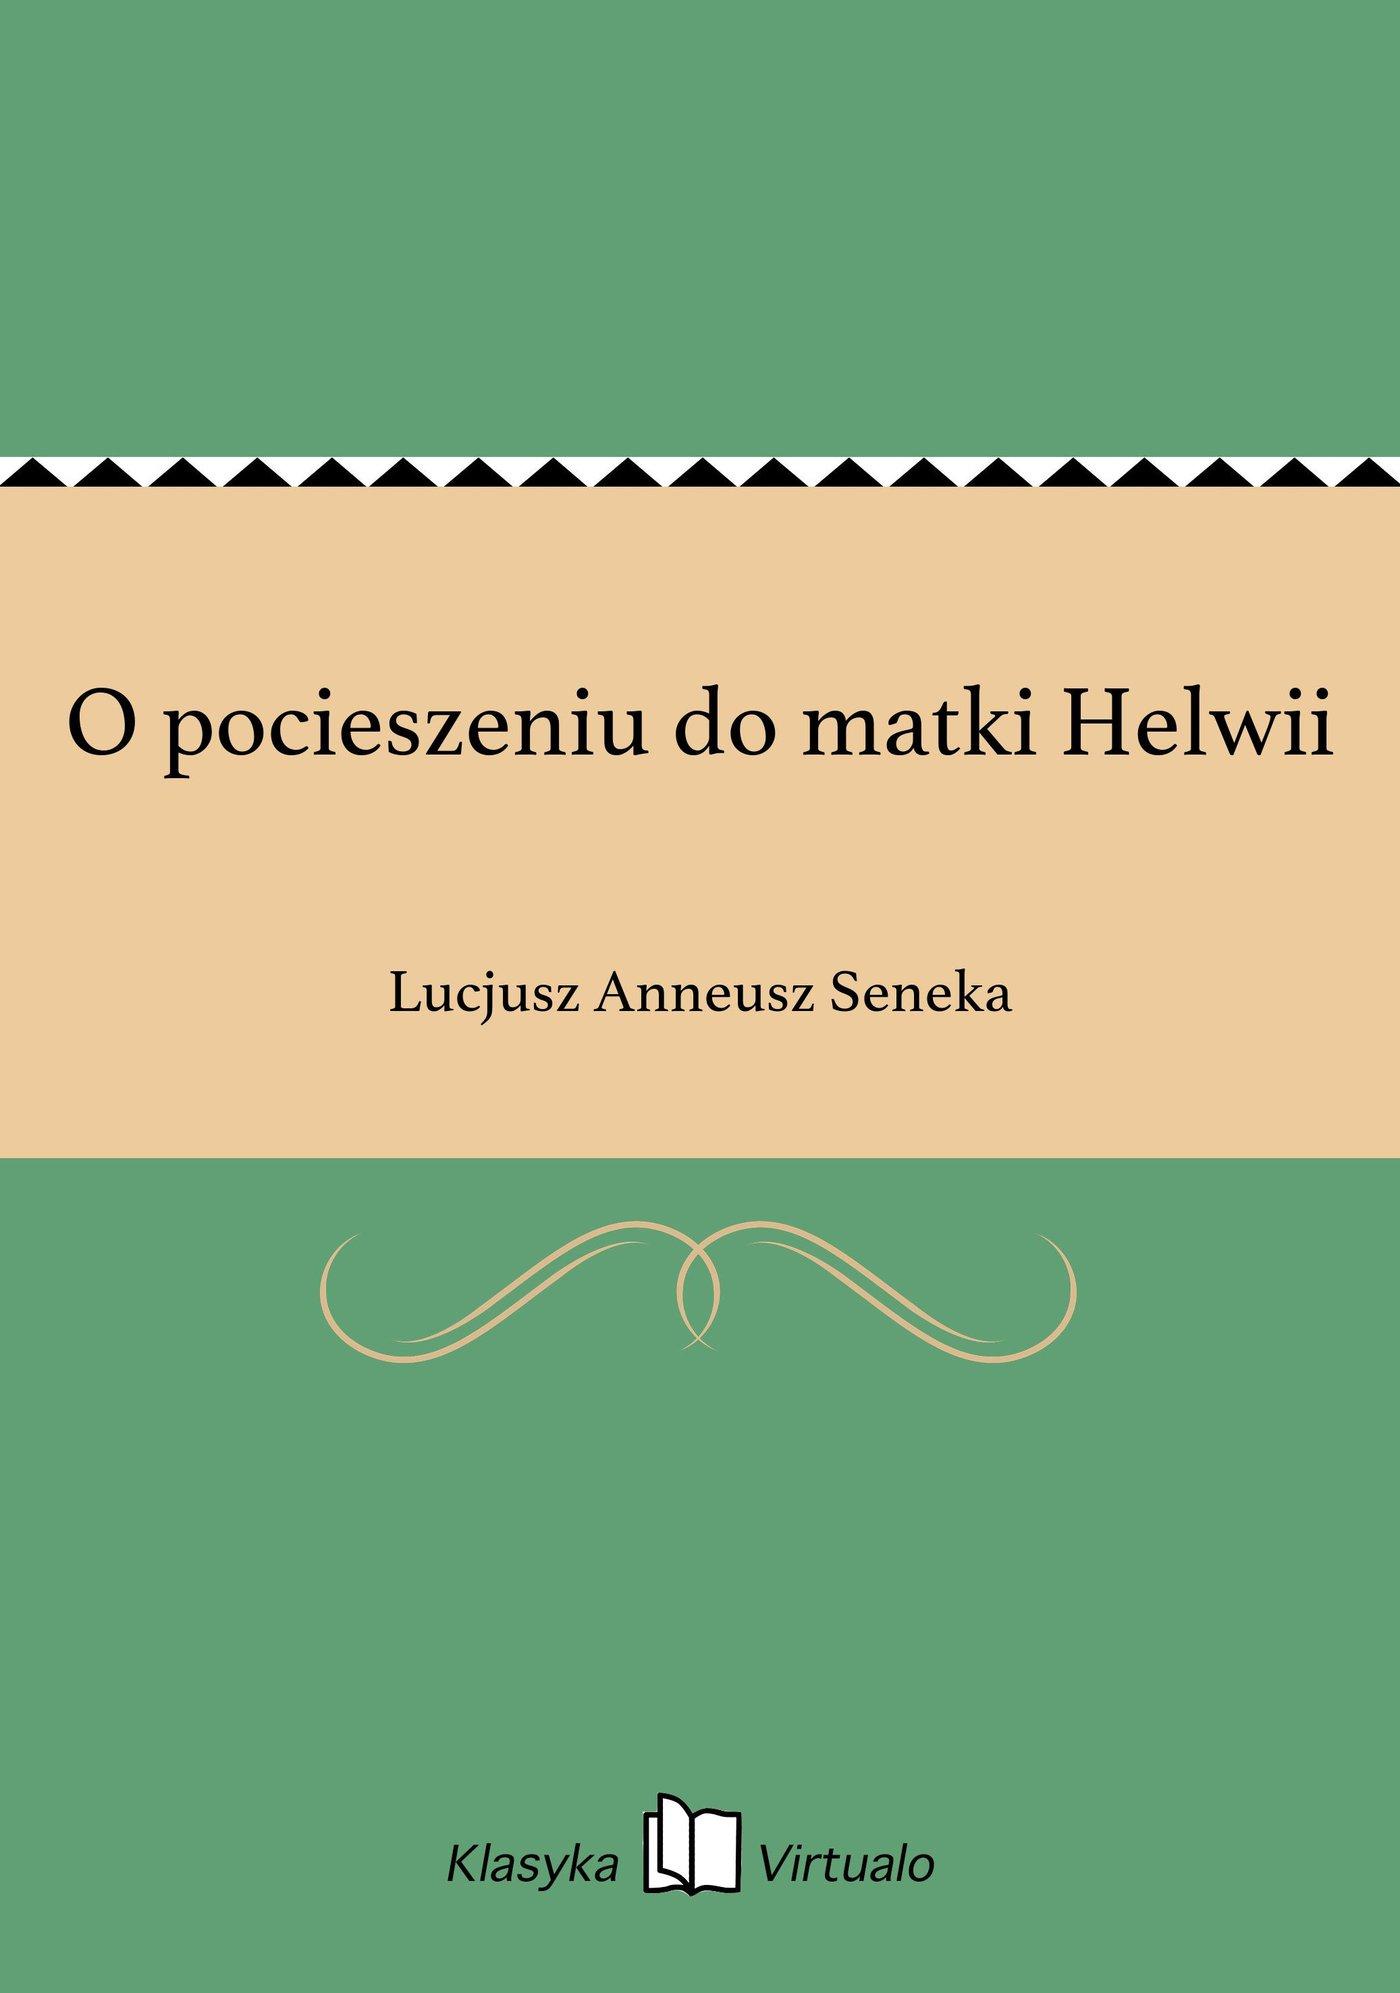 O pocieszeniu do matki Helwii - Ebook (Książka EPUB) do pobrania w formacie EPUB